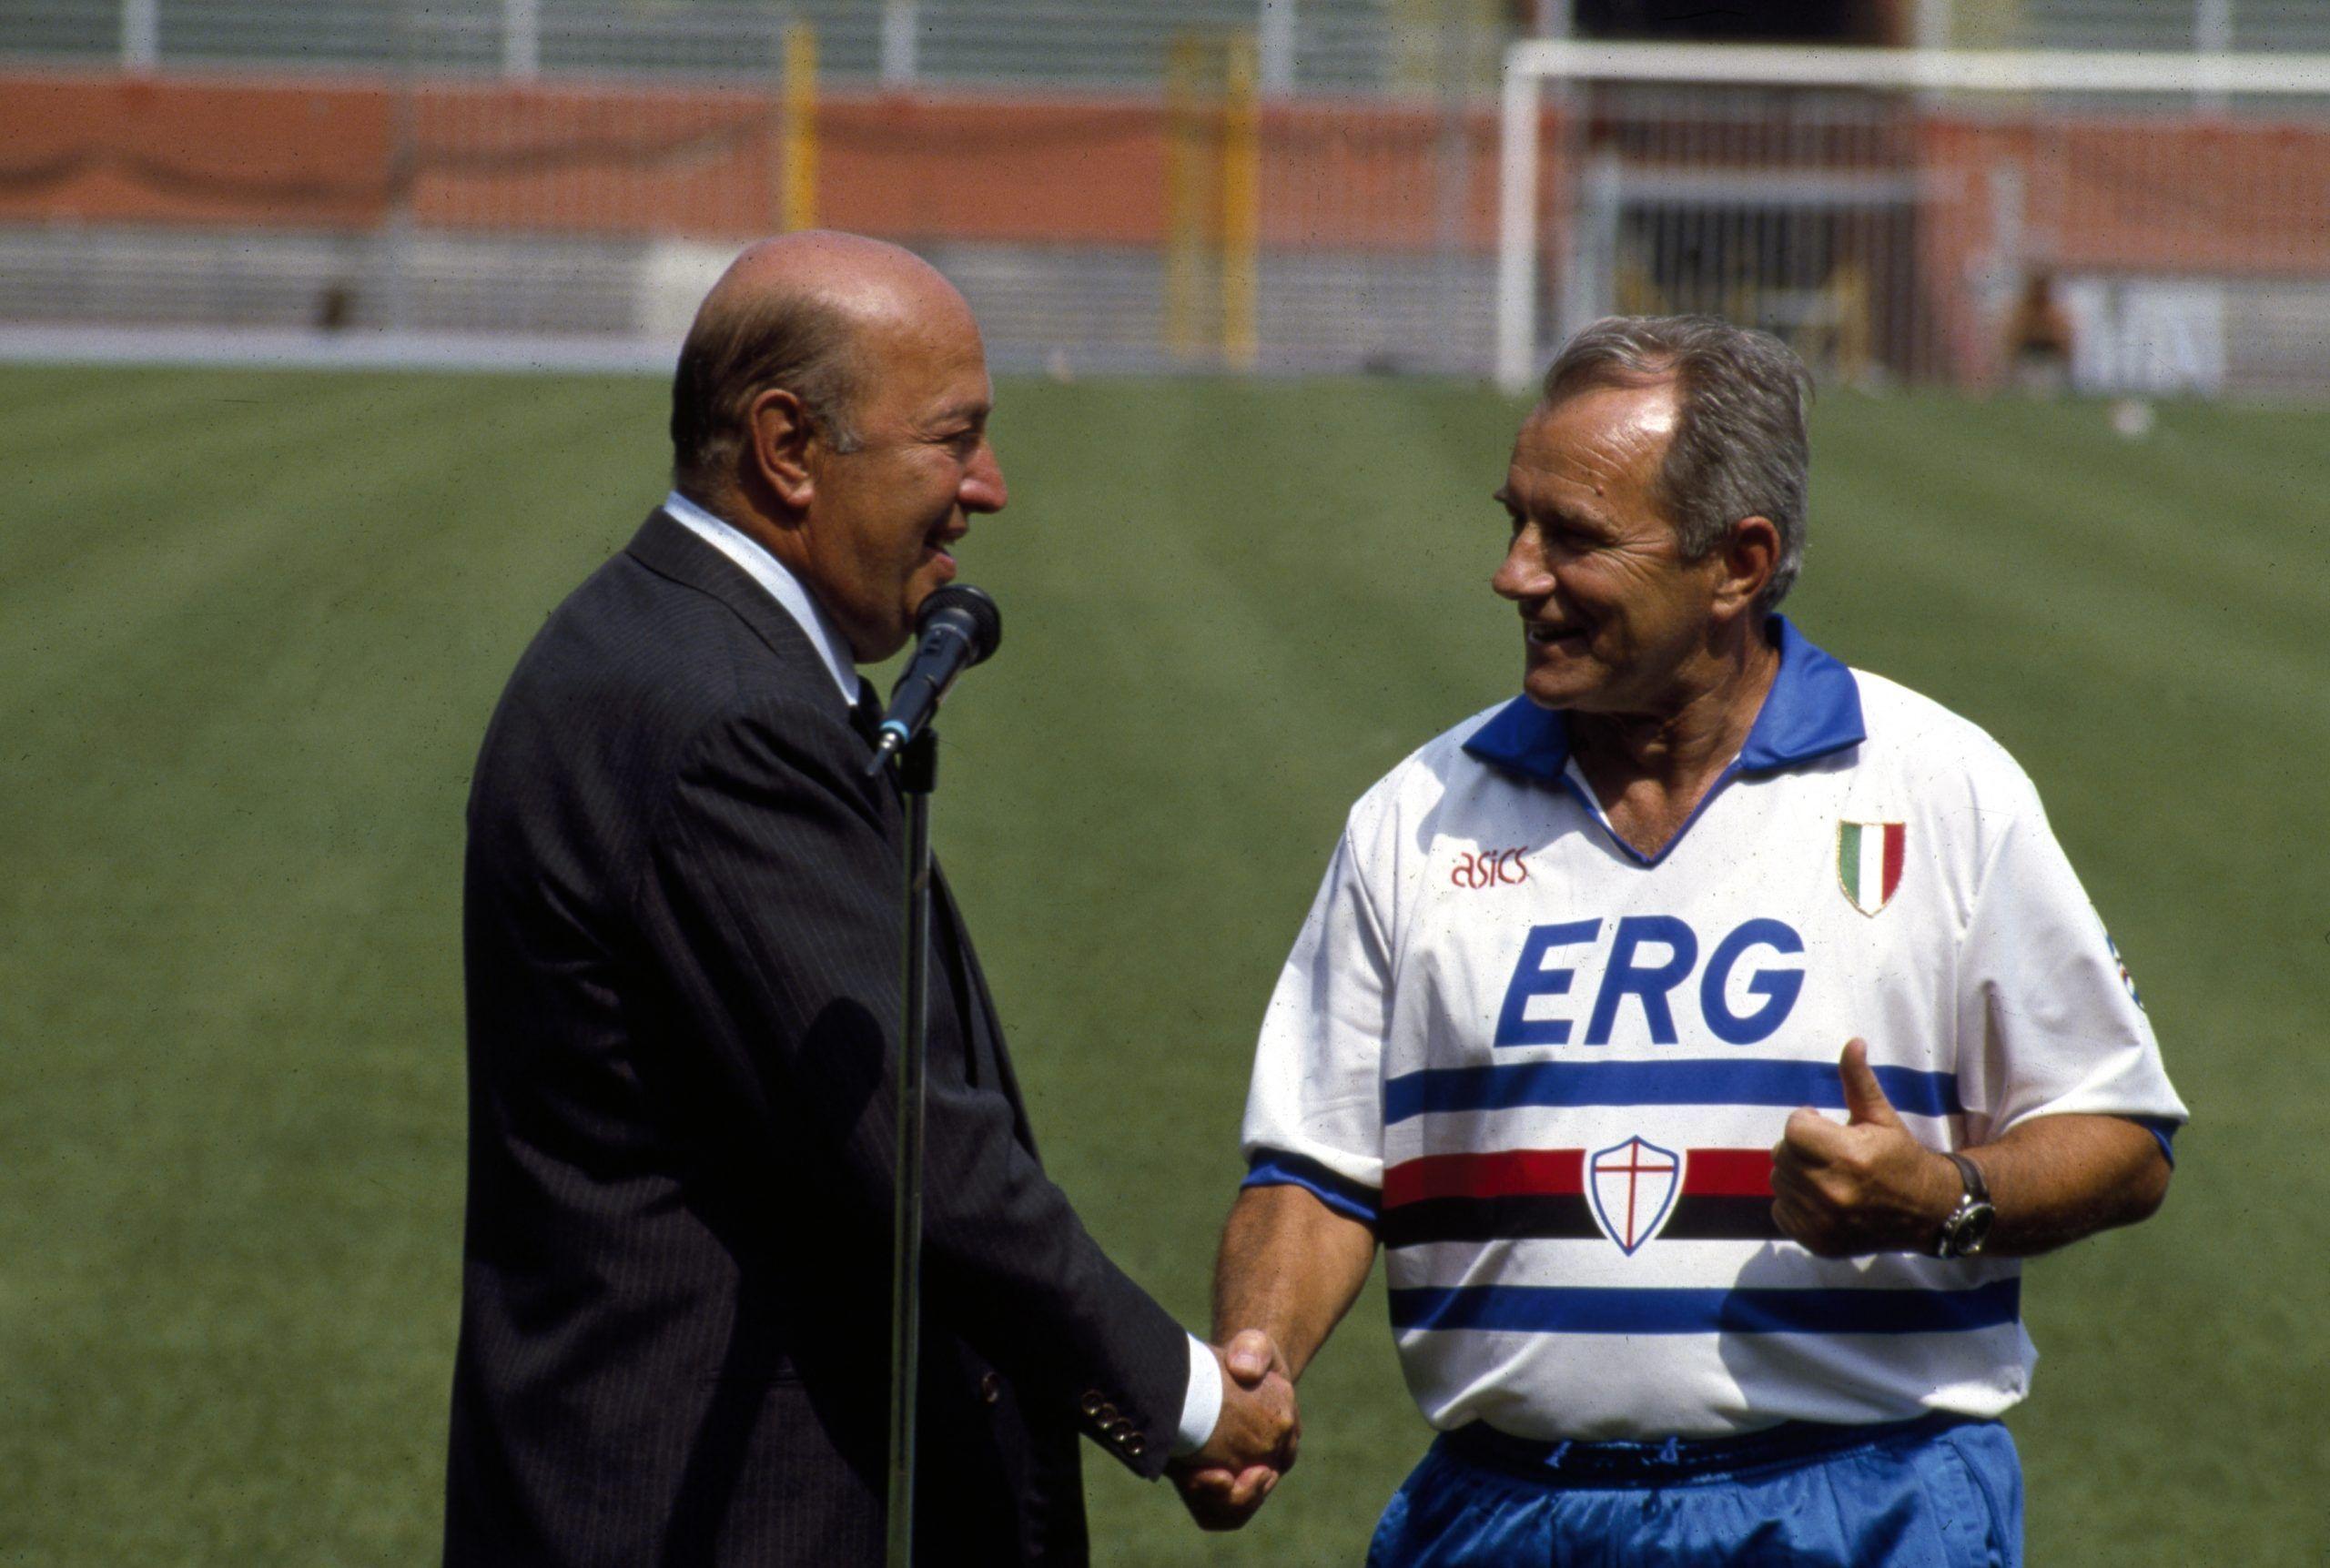 Morto Vujadin Boskov, ex allenatore della Sampdoria